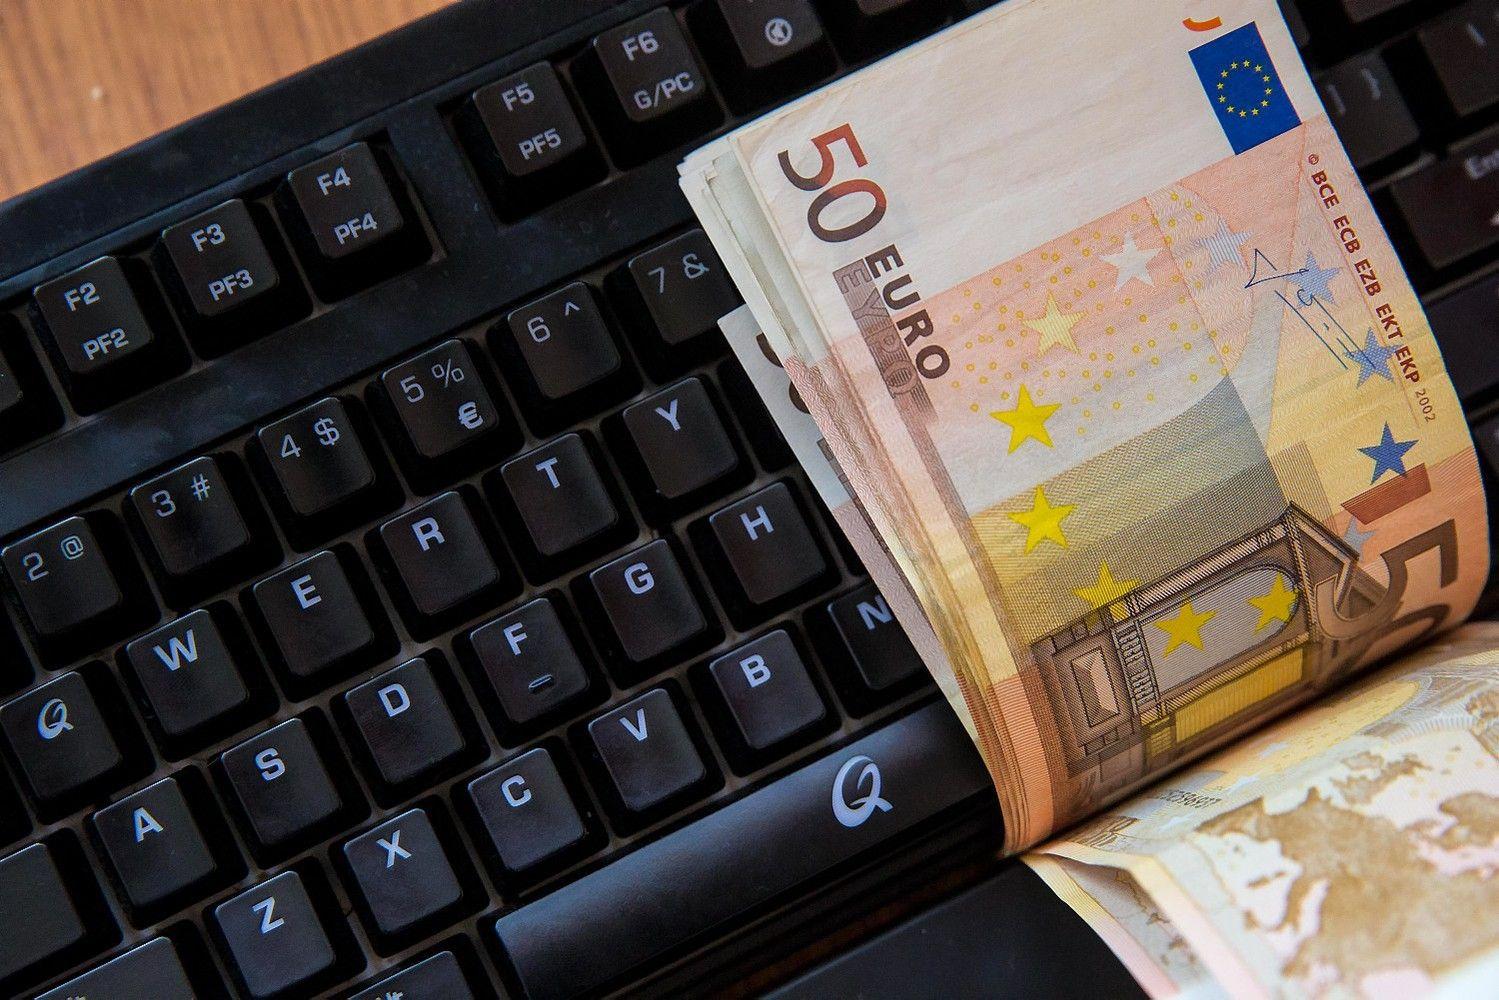 Tarpusavio skolinimo platformos išlaiko aukštus augimo tempus